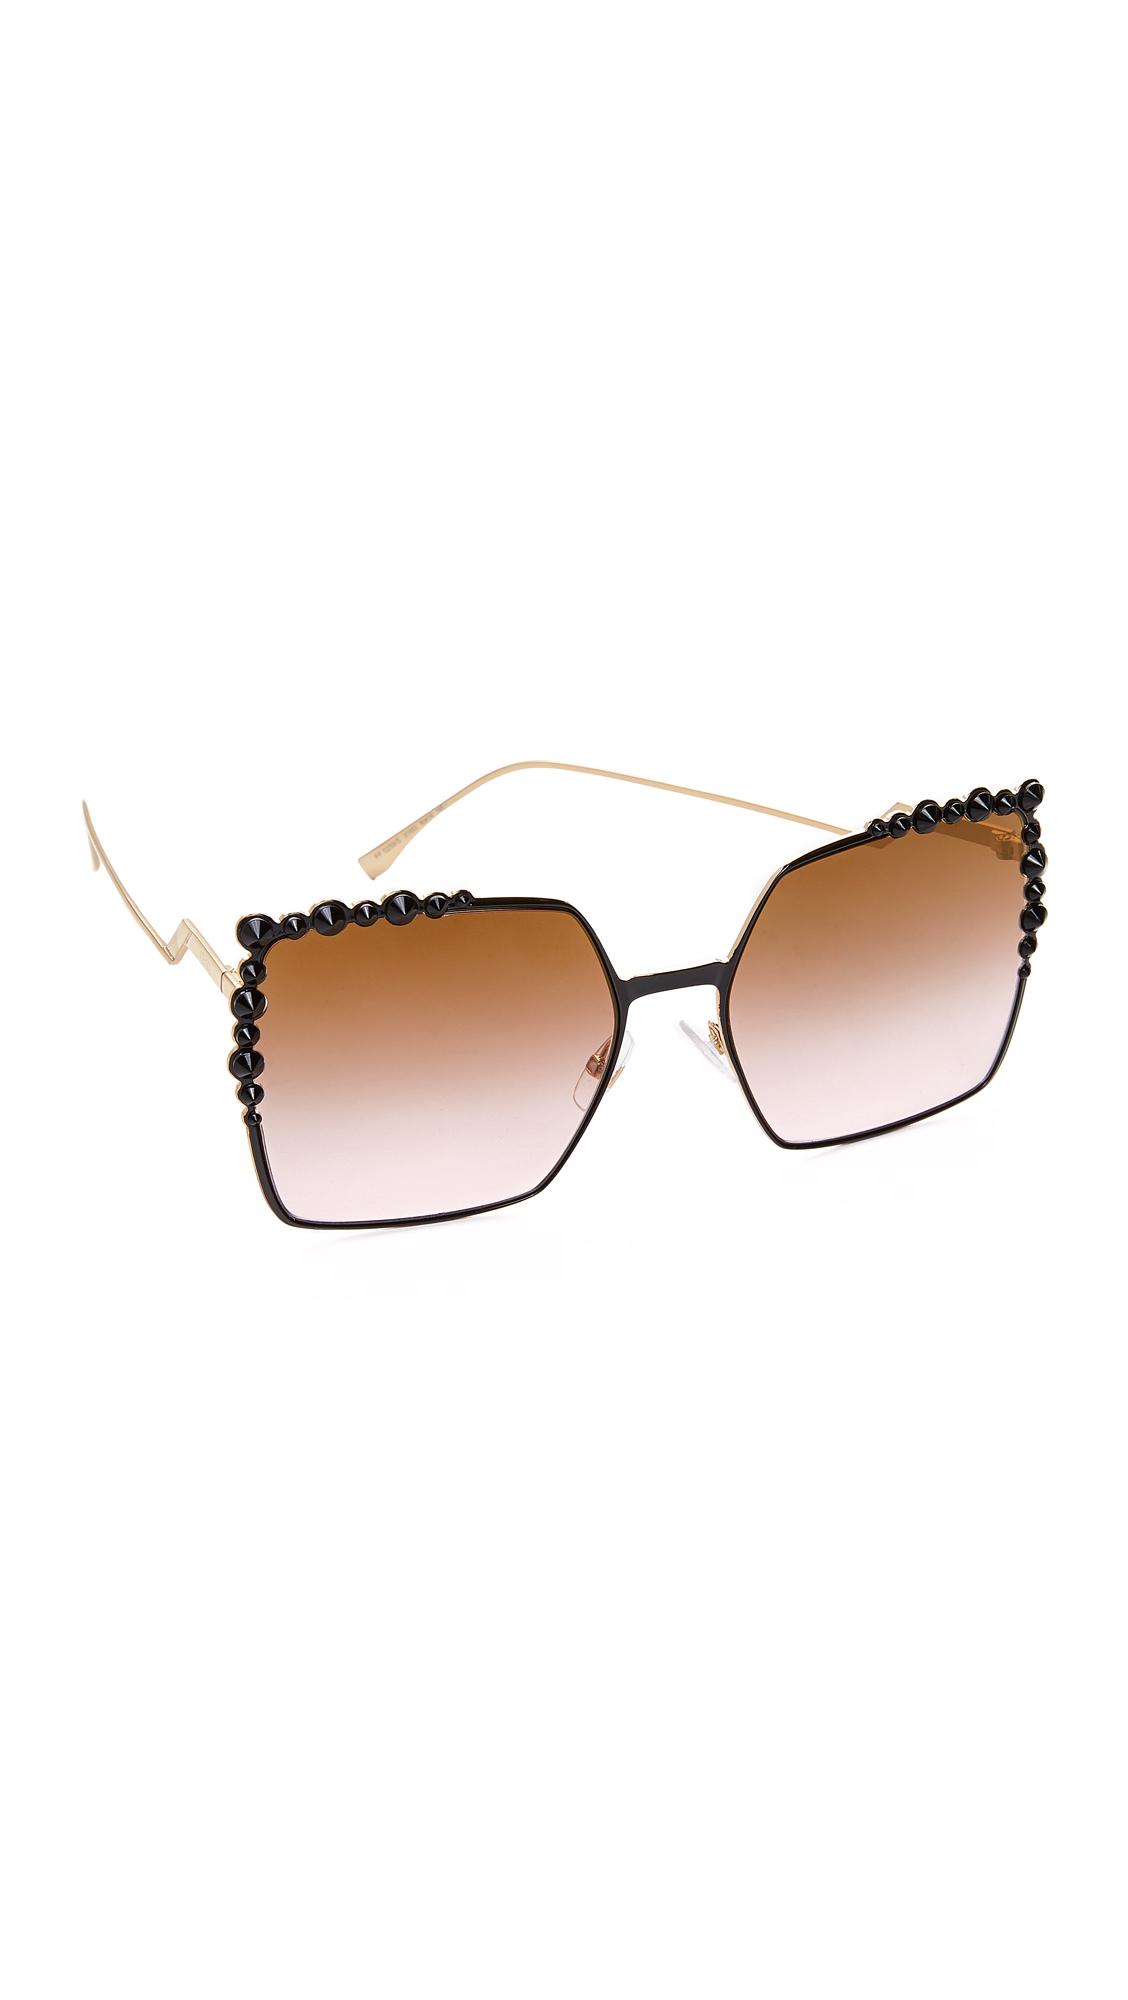 Fendi Square Sunglasses - Black/Brown